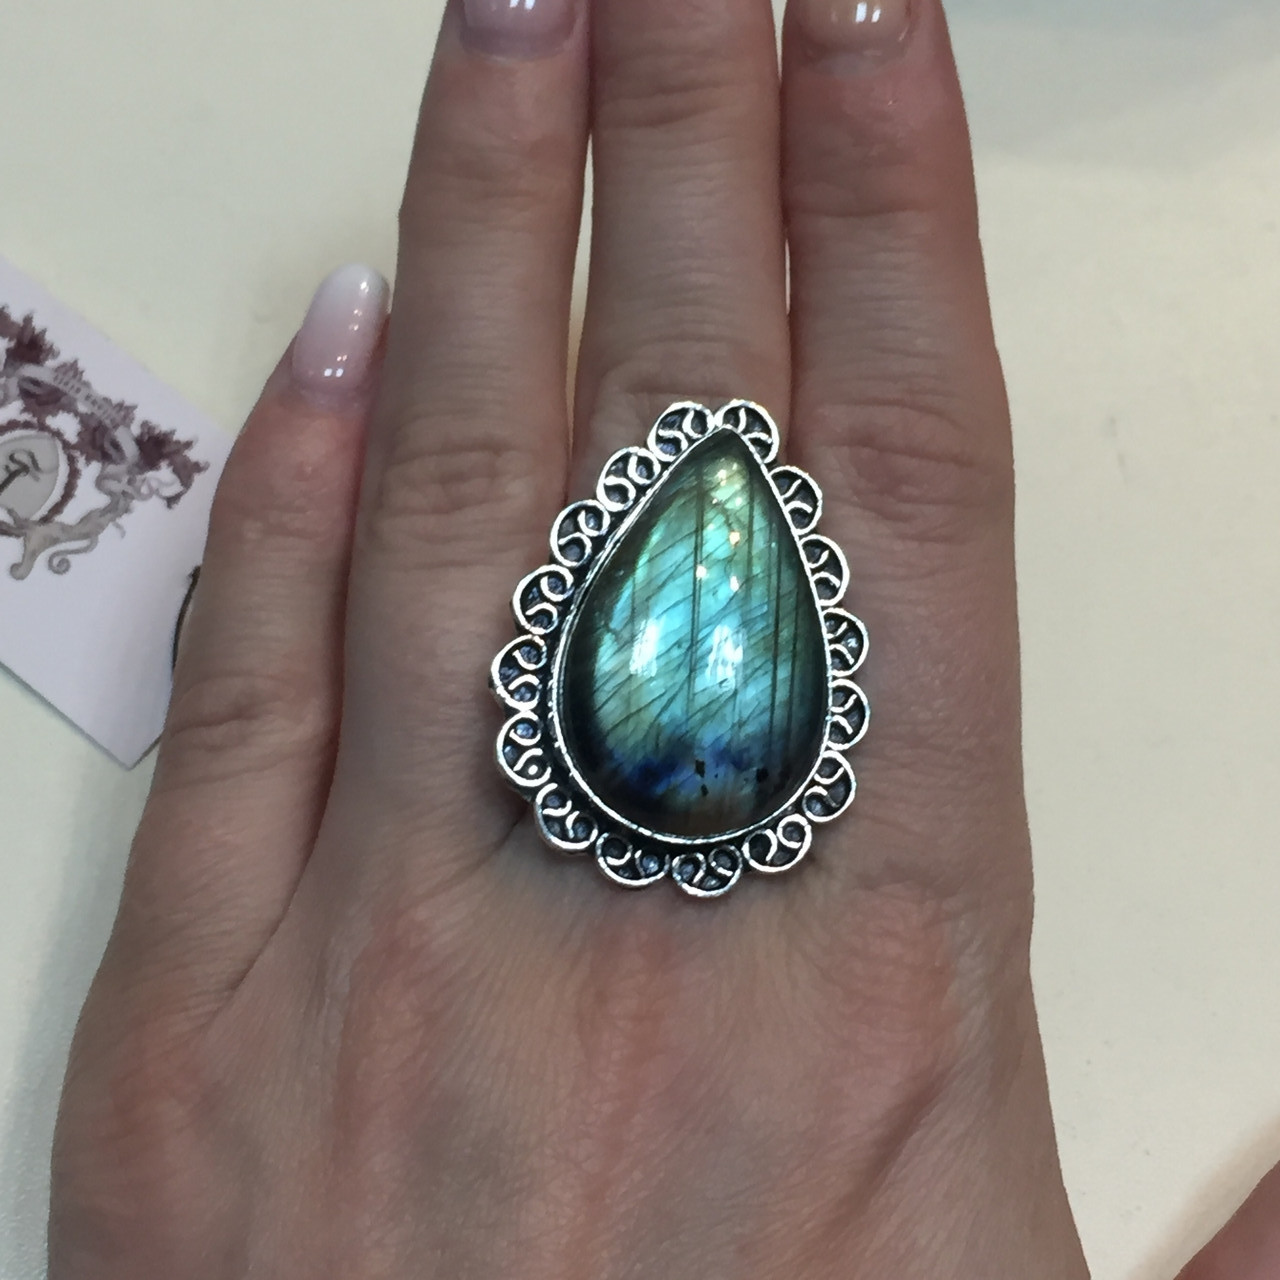 Лабрадор кольцо с натуральным лабрадором в серебре кольцо капля с лабрадором 20-20,2 размер Индия